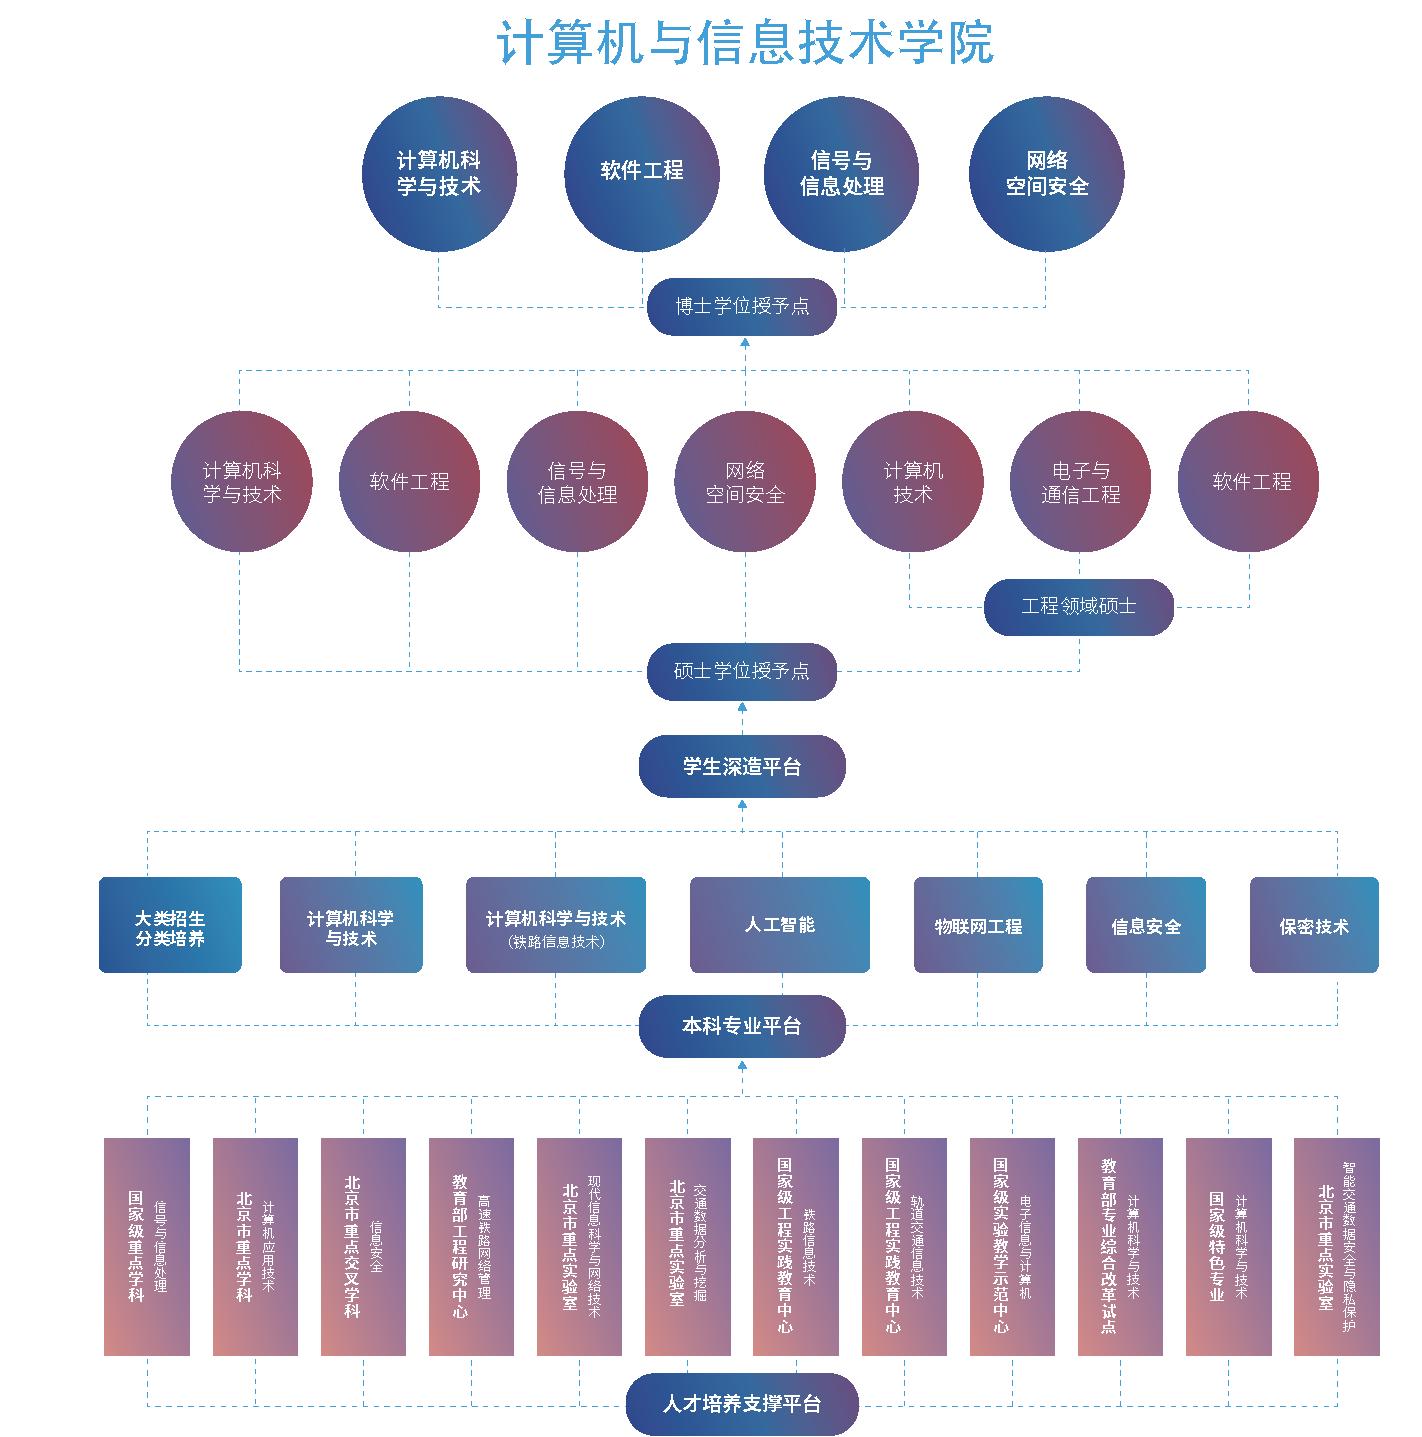 招生指南-各学院架构图 5个 6-6_页面_3.png